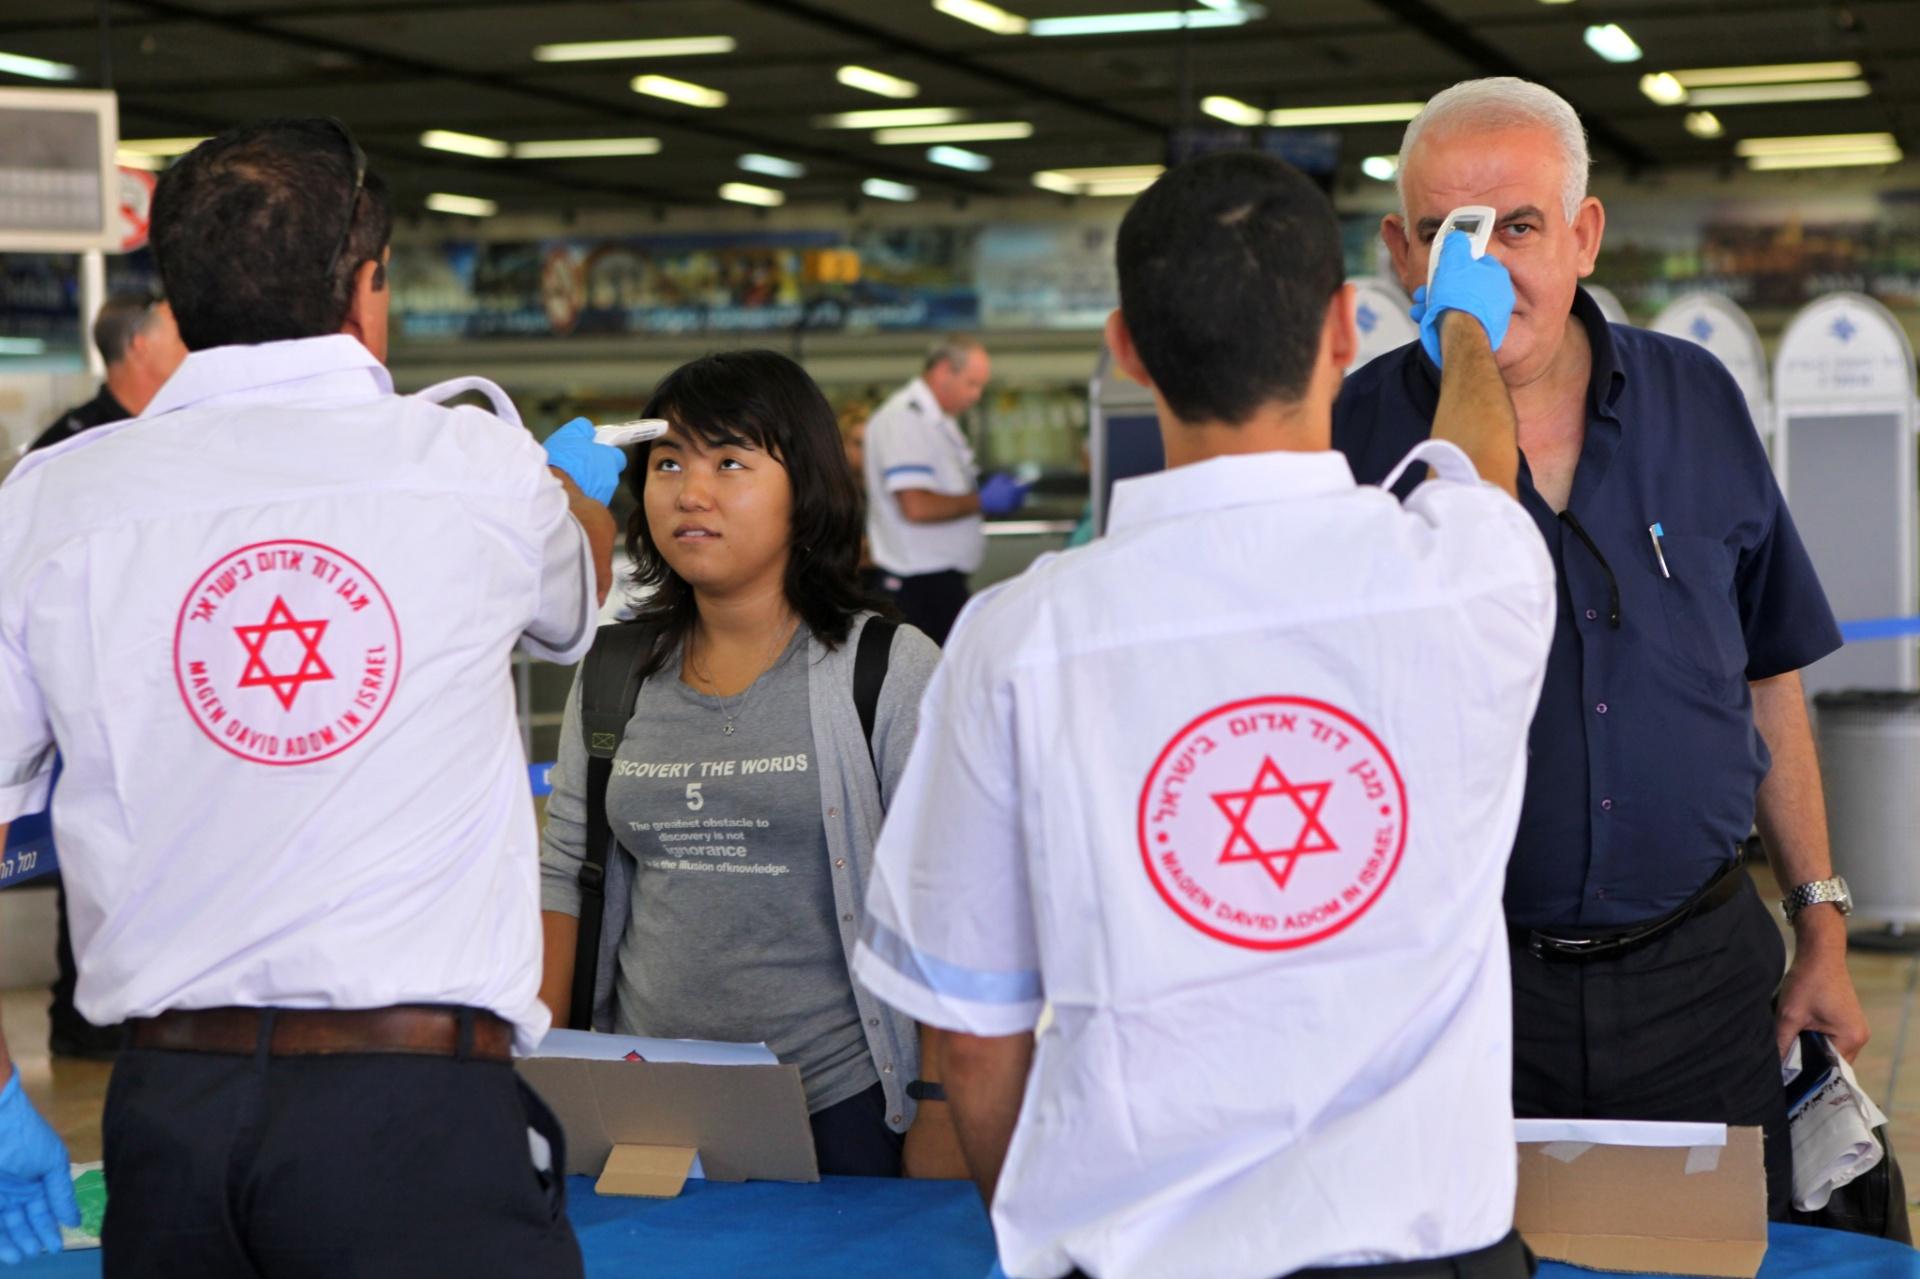 21.out.2014 -  Paramédicos israelenses medem a temperatura de passageiros que chegam ao aeroporto Ben Gurion, em Tel Aviv, provenientes do Cairo, no Egito. Israel expandiu o controle de fronteiras para evitar uma possível entrada no país de pessoas contaminadas por ebola